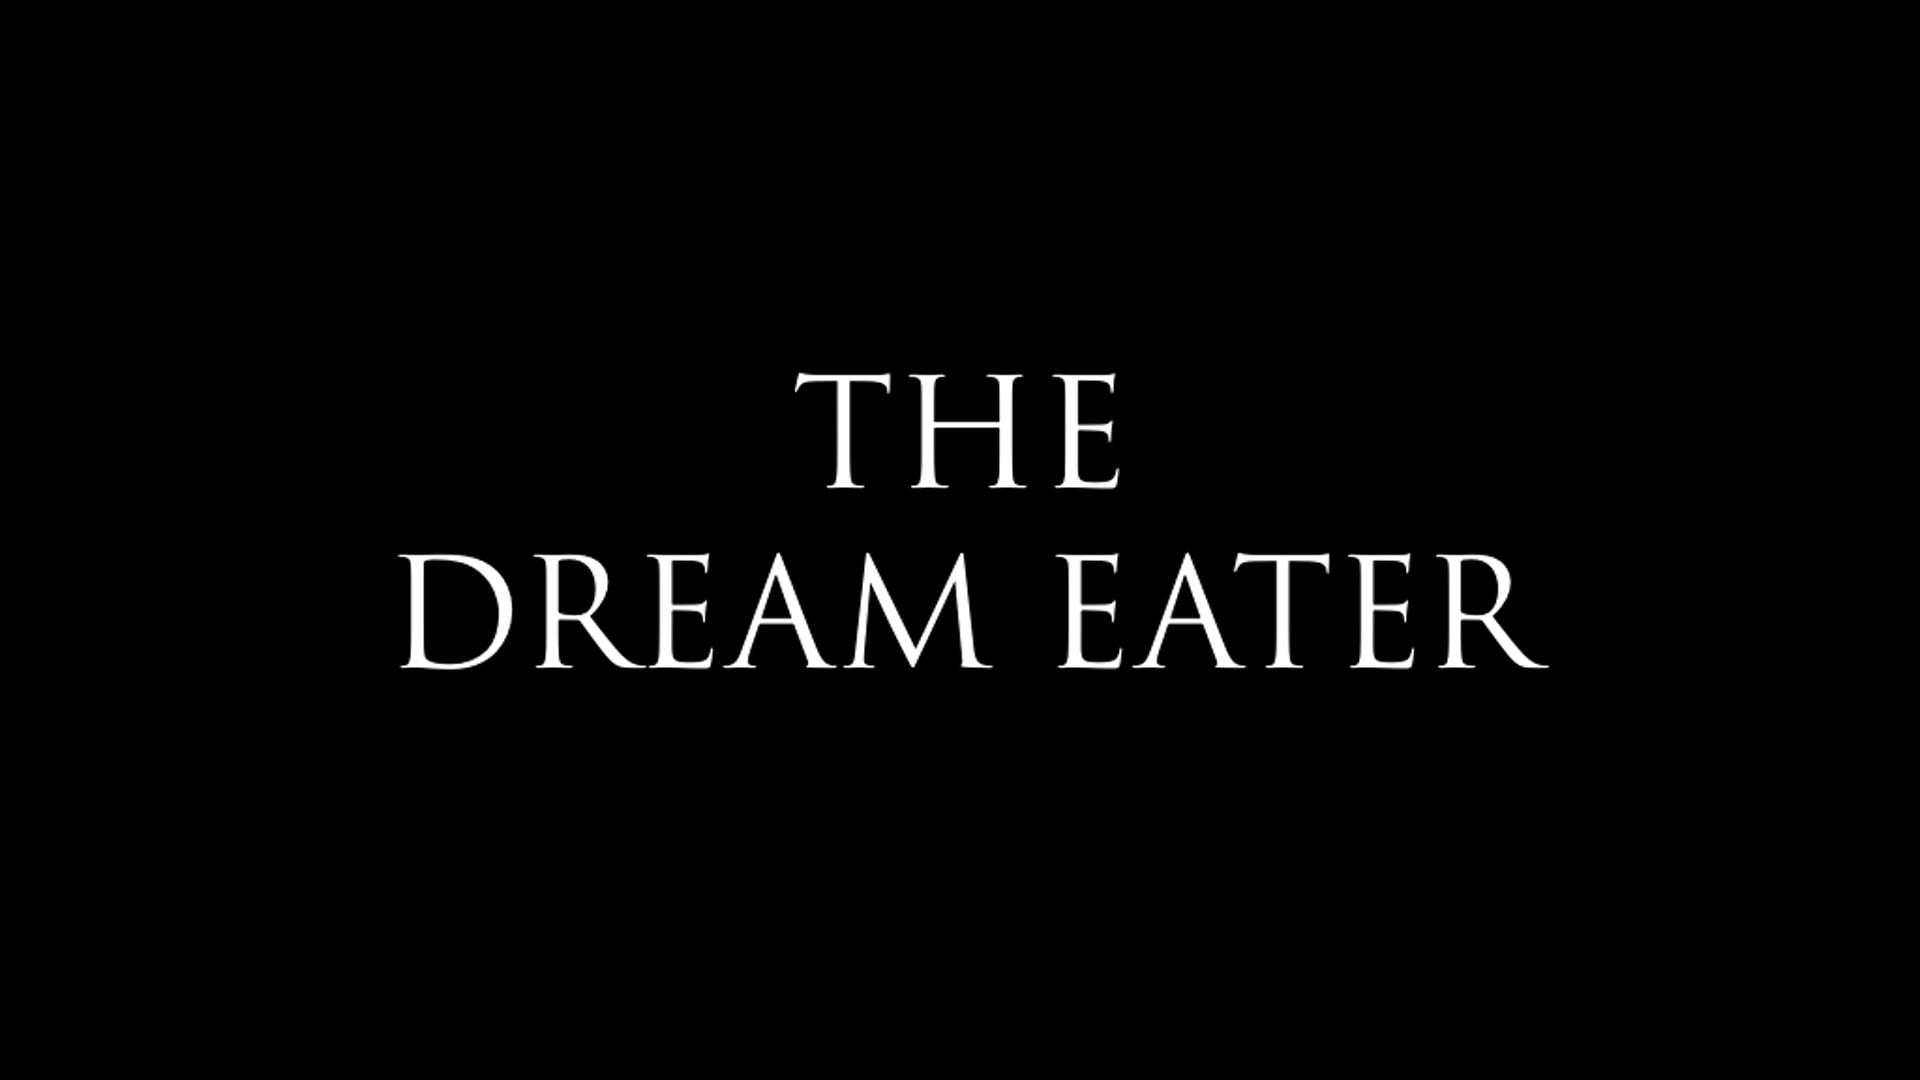 The Dream Eater - Short Film